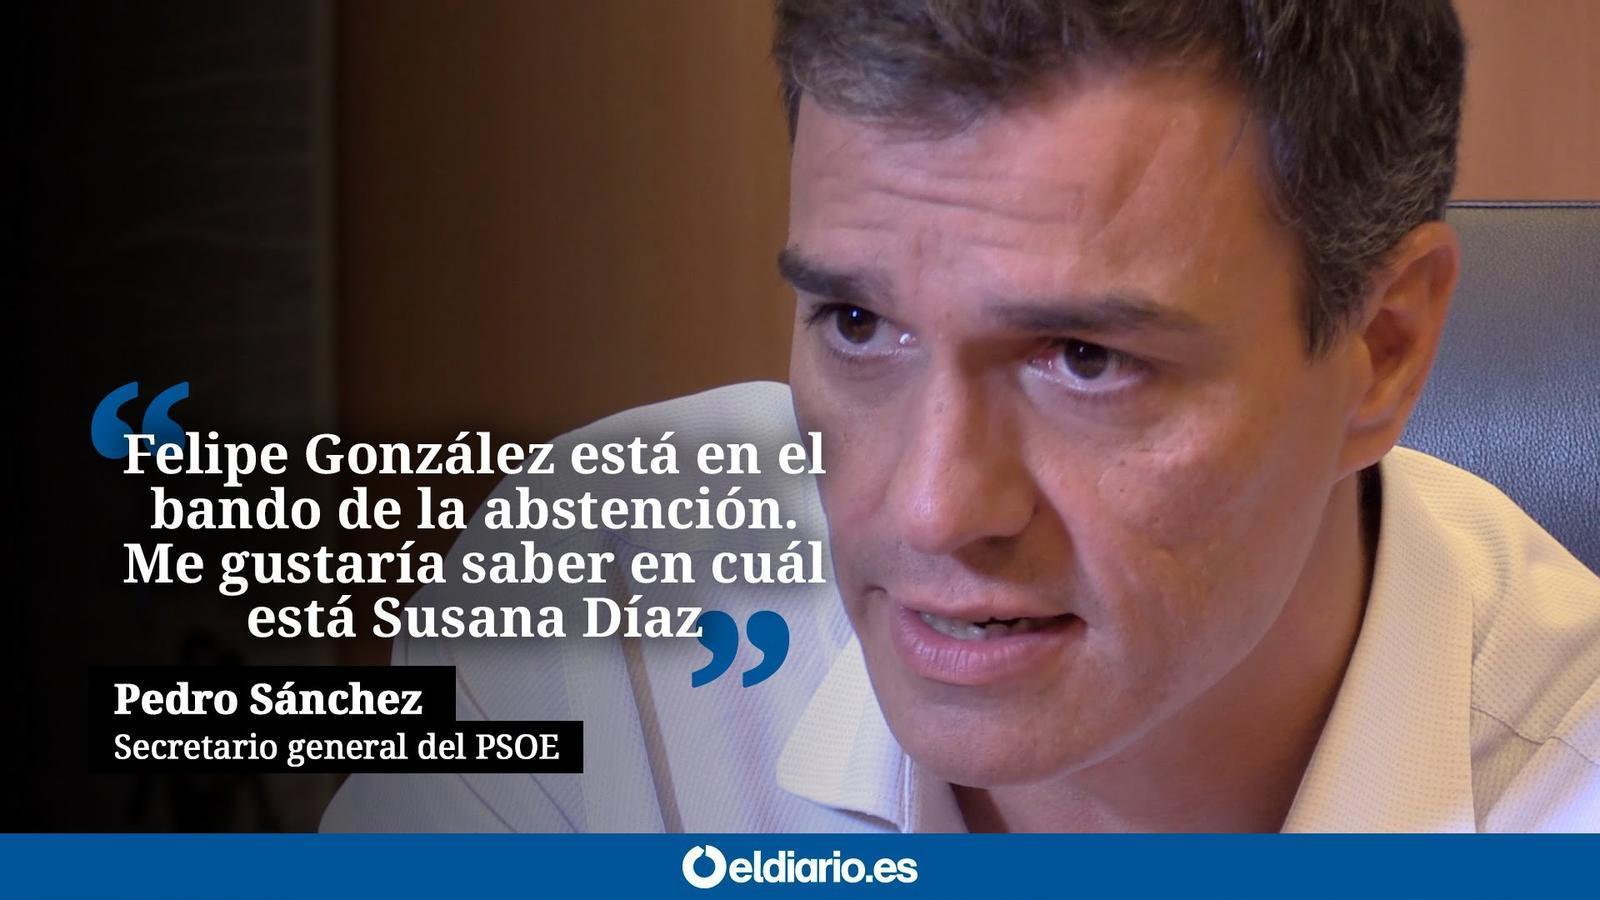 Extracte de l'entrevista de Pedro Sánchez a Eldiario.es